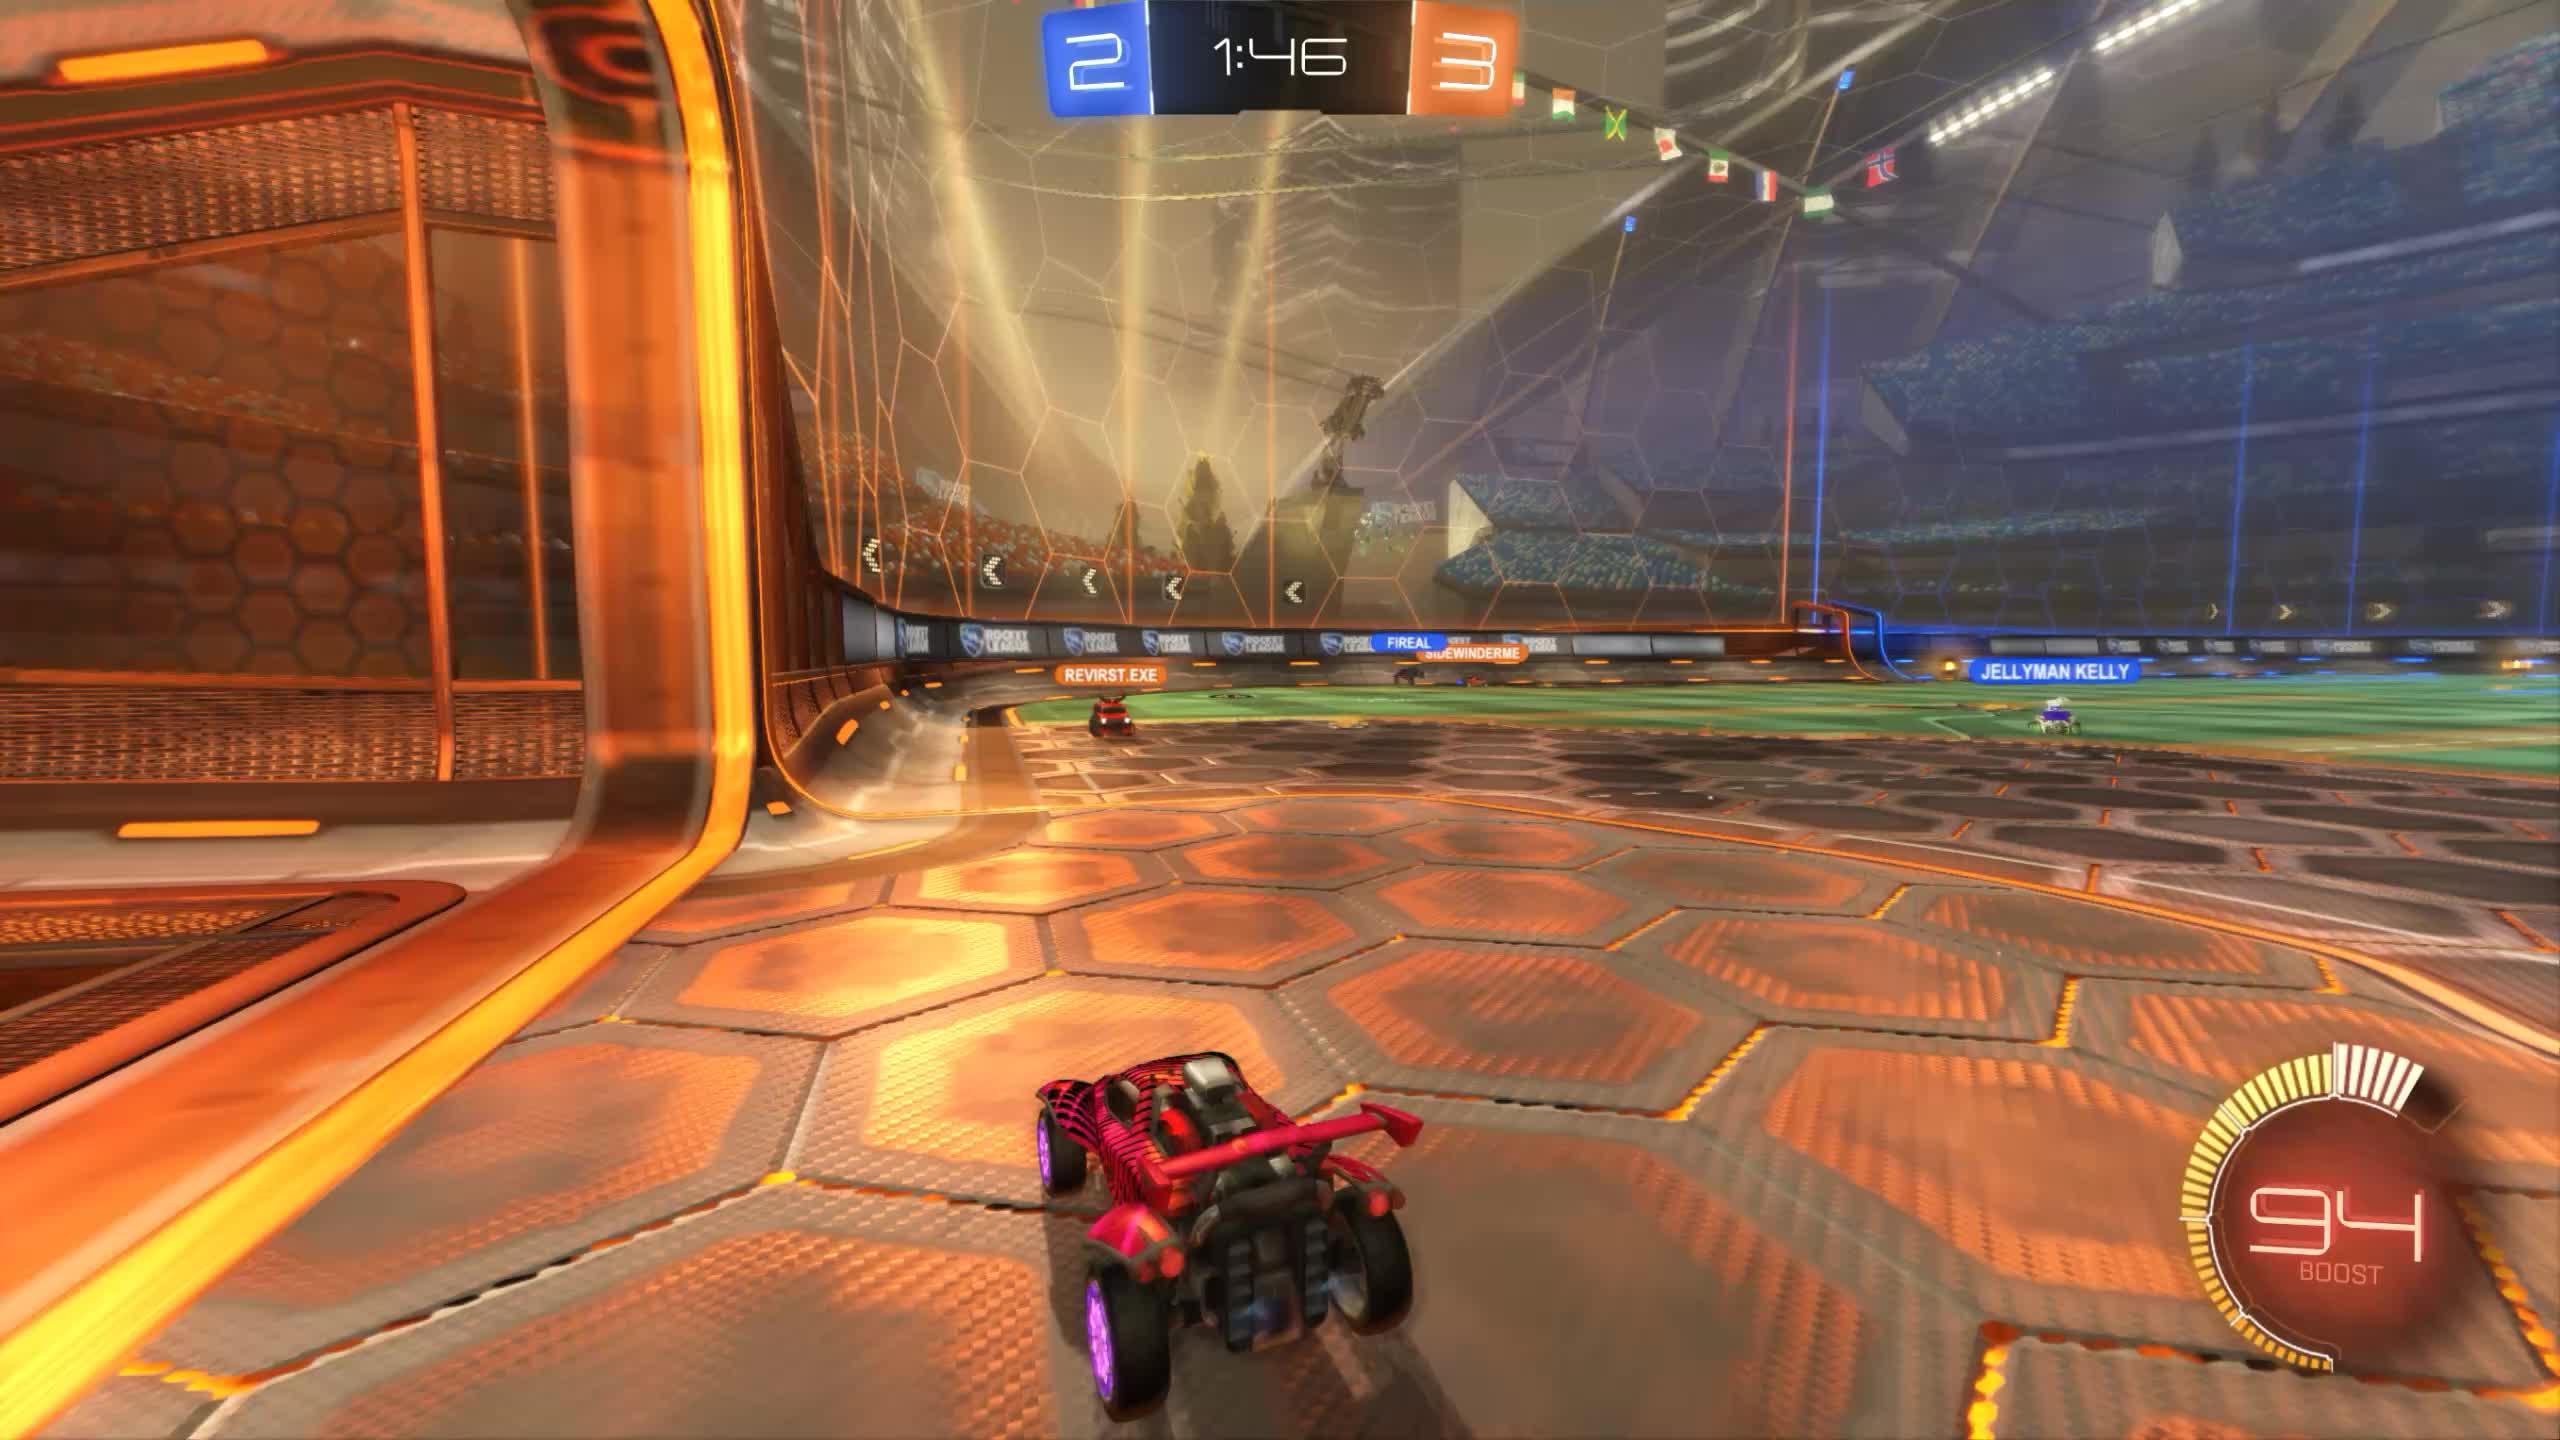 Bad Panda, BadPanda, Rocket League, RocketLeague, Goal 6: Fireal GIFs